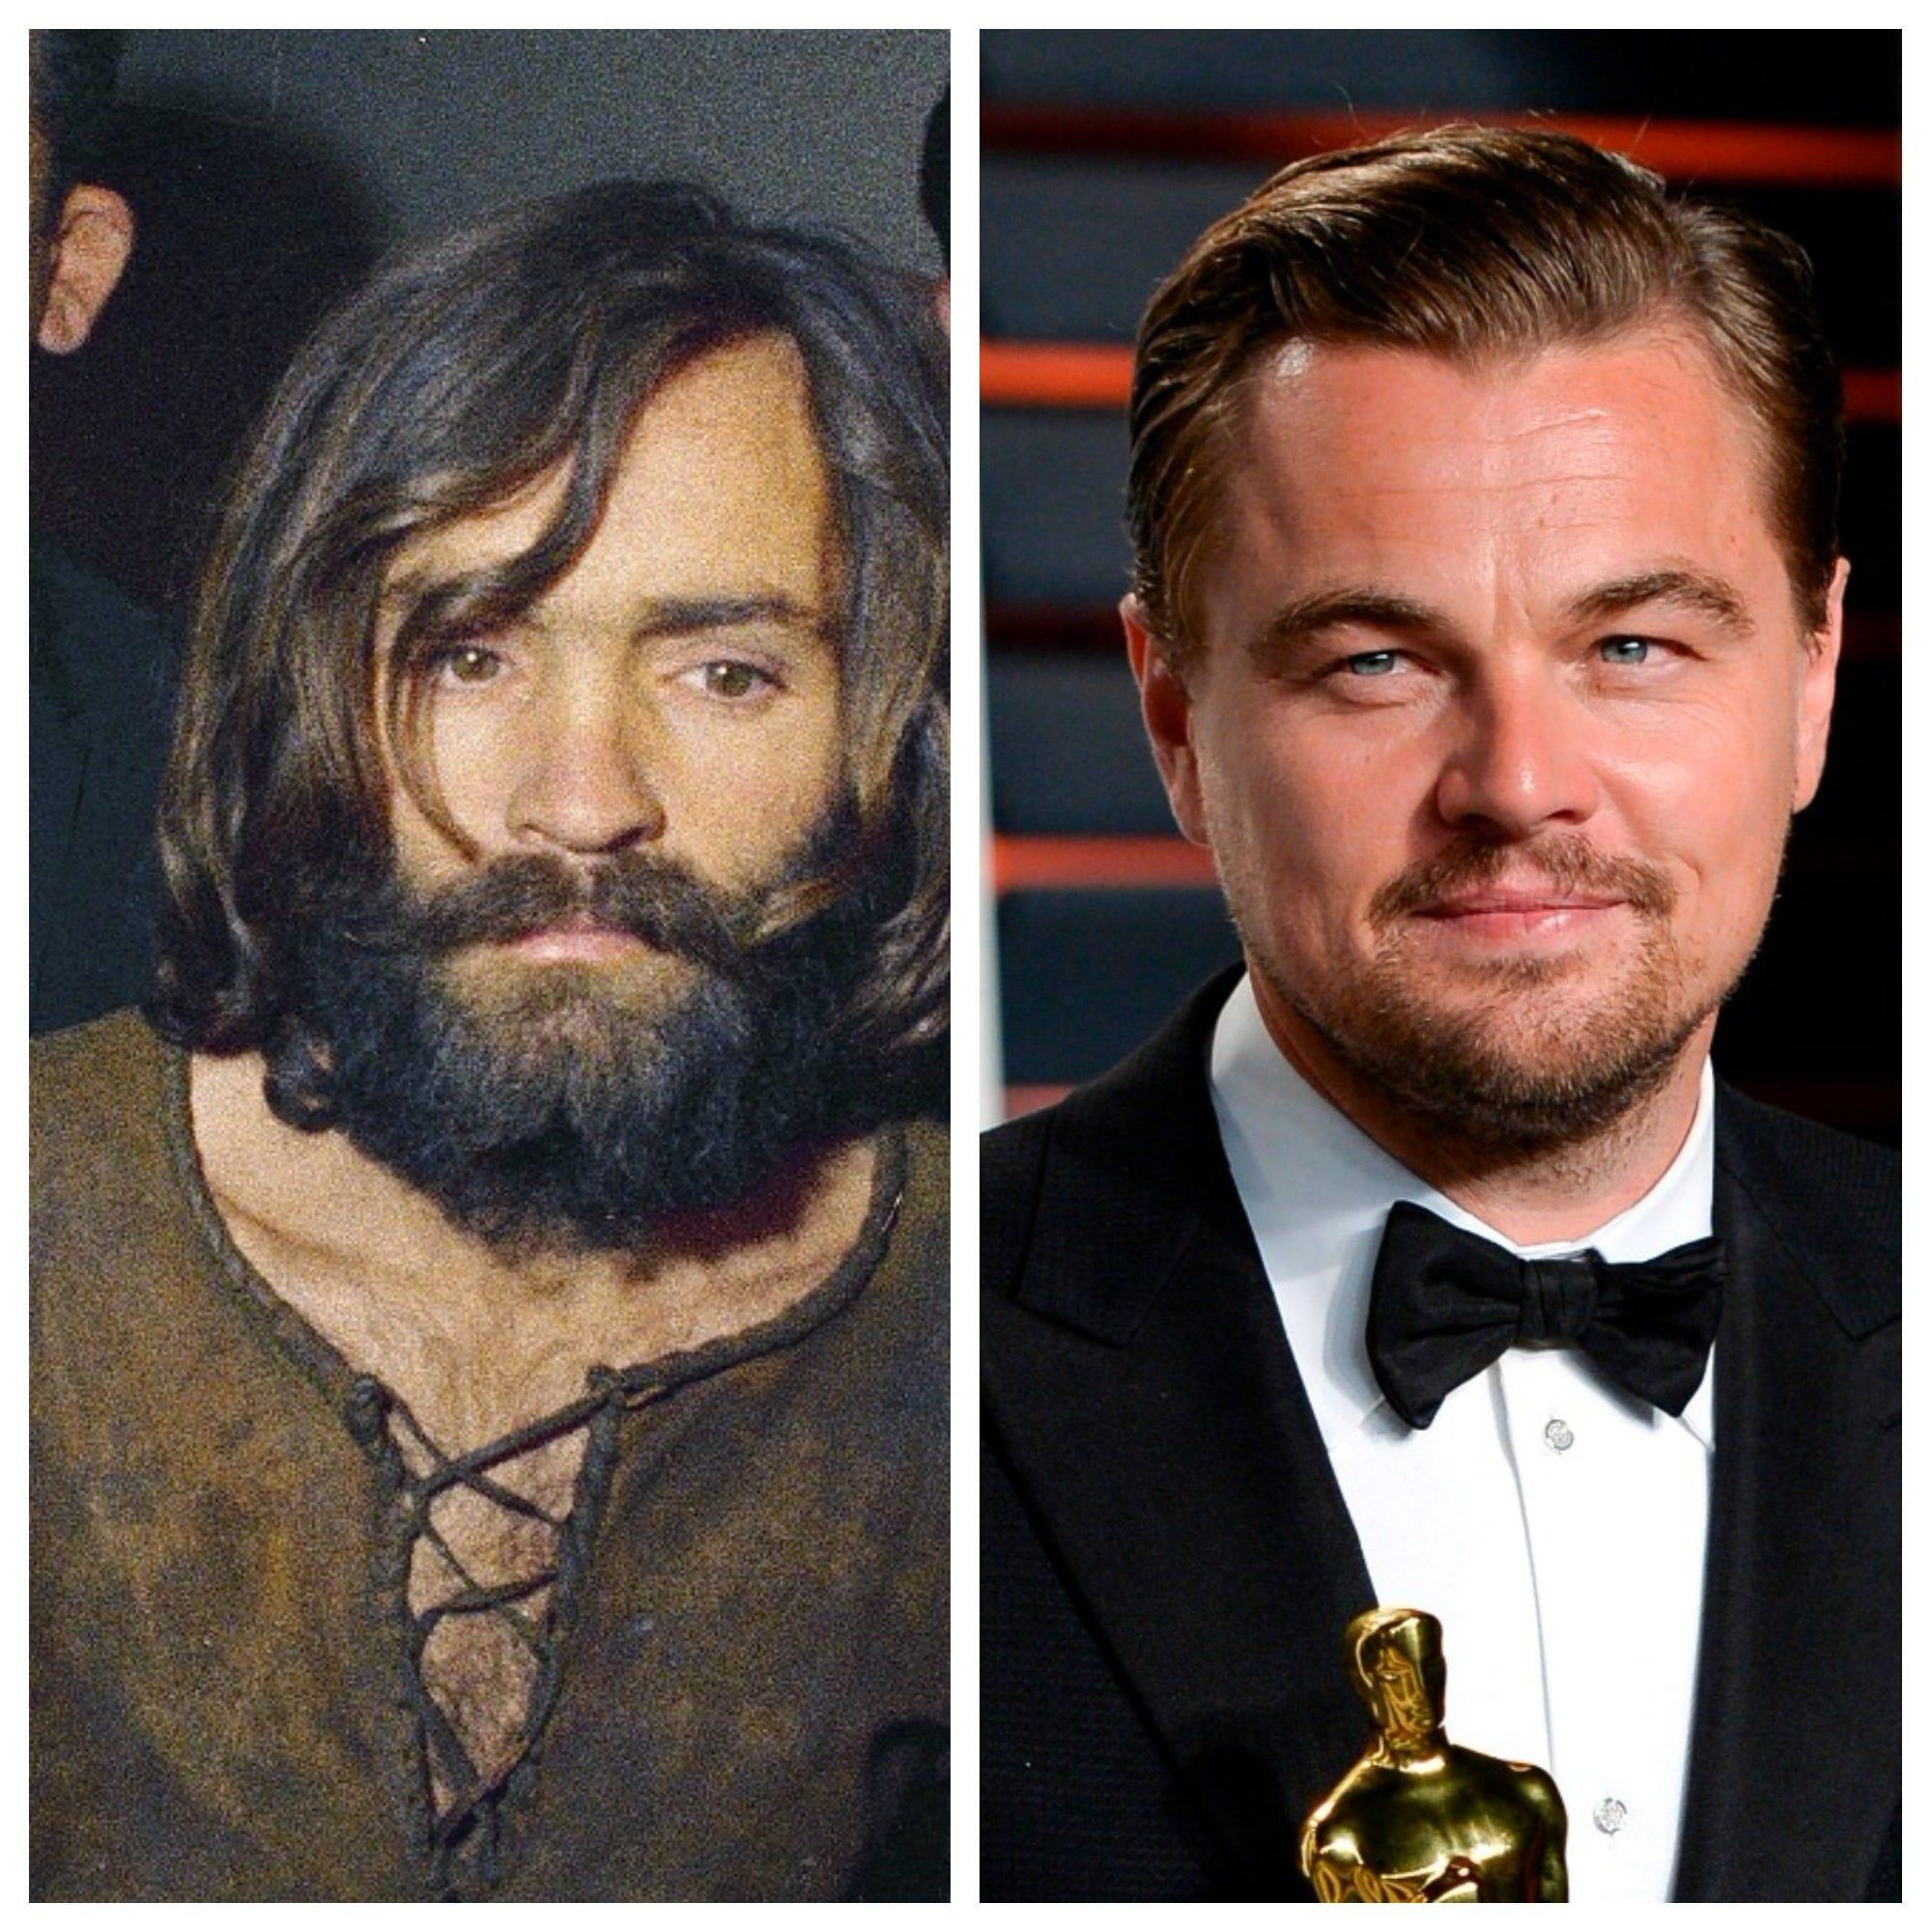 Leonardo dicaprio 2019 dating tips